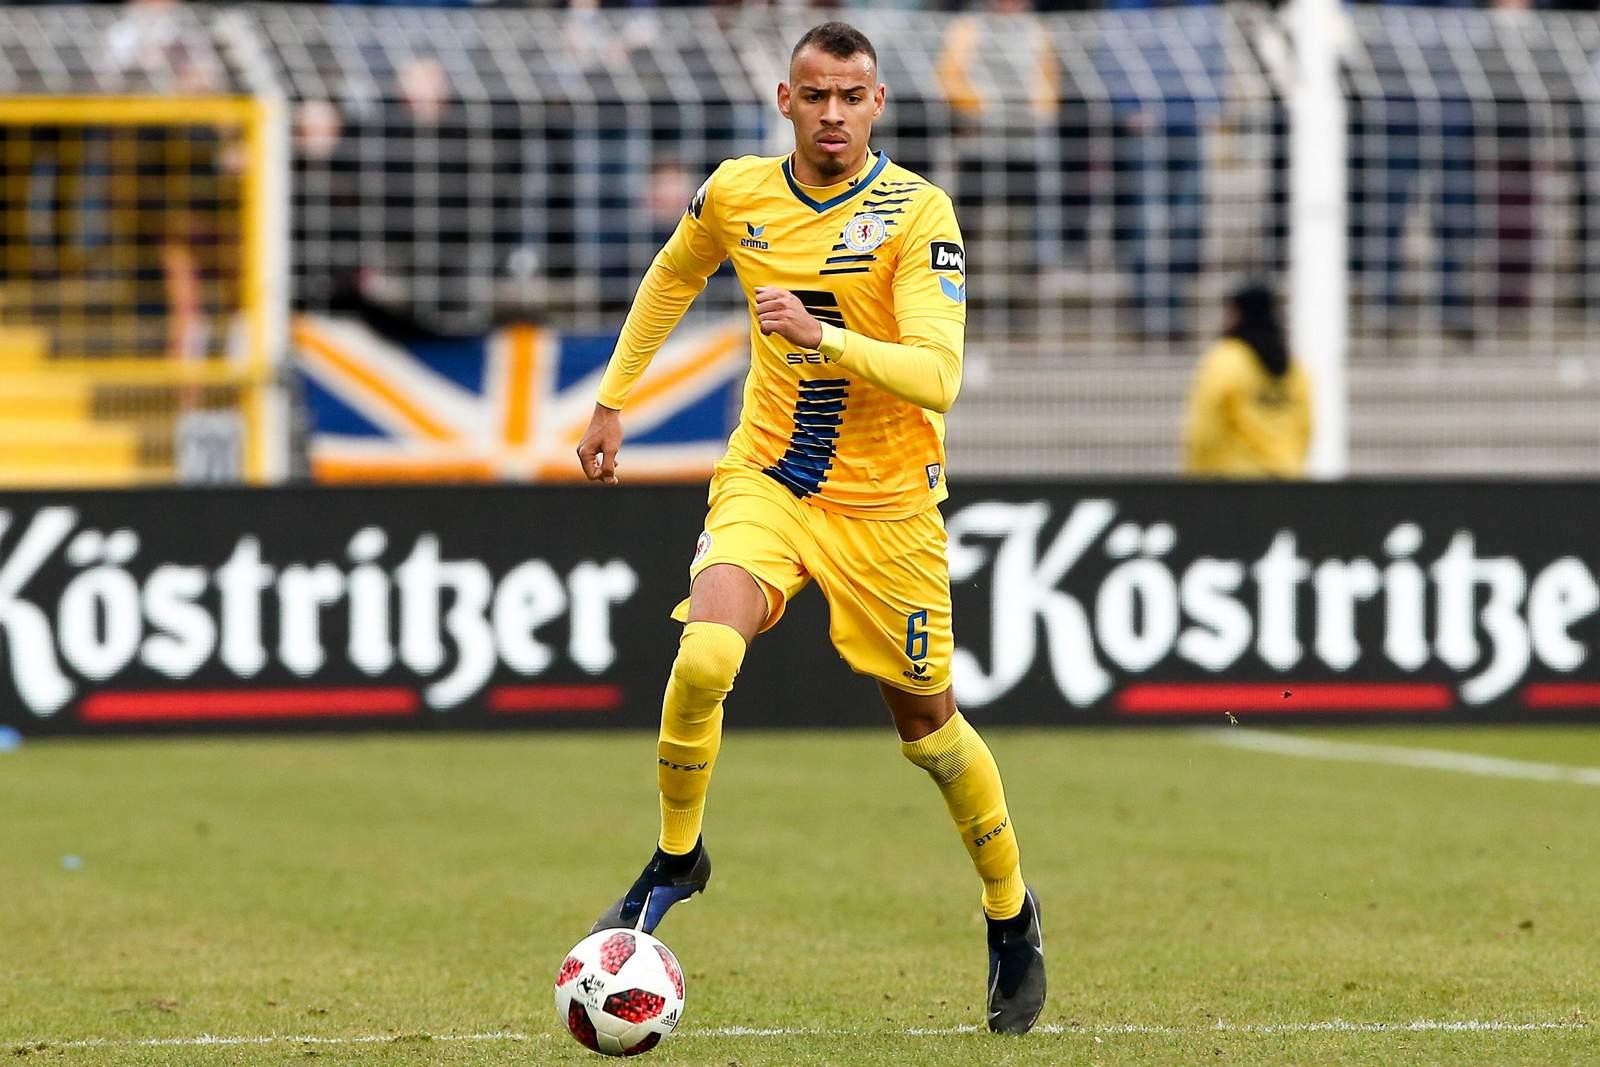 Steffen nkansah von Eintracht braunschweig